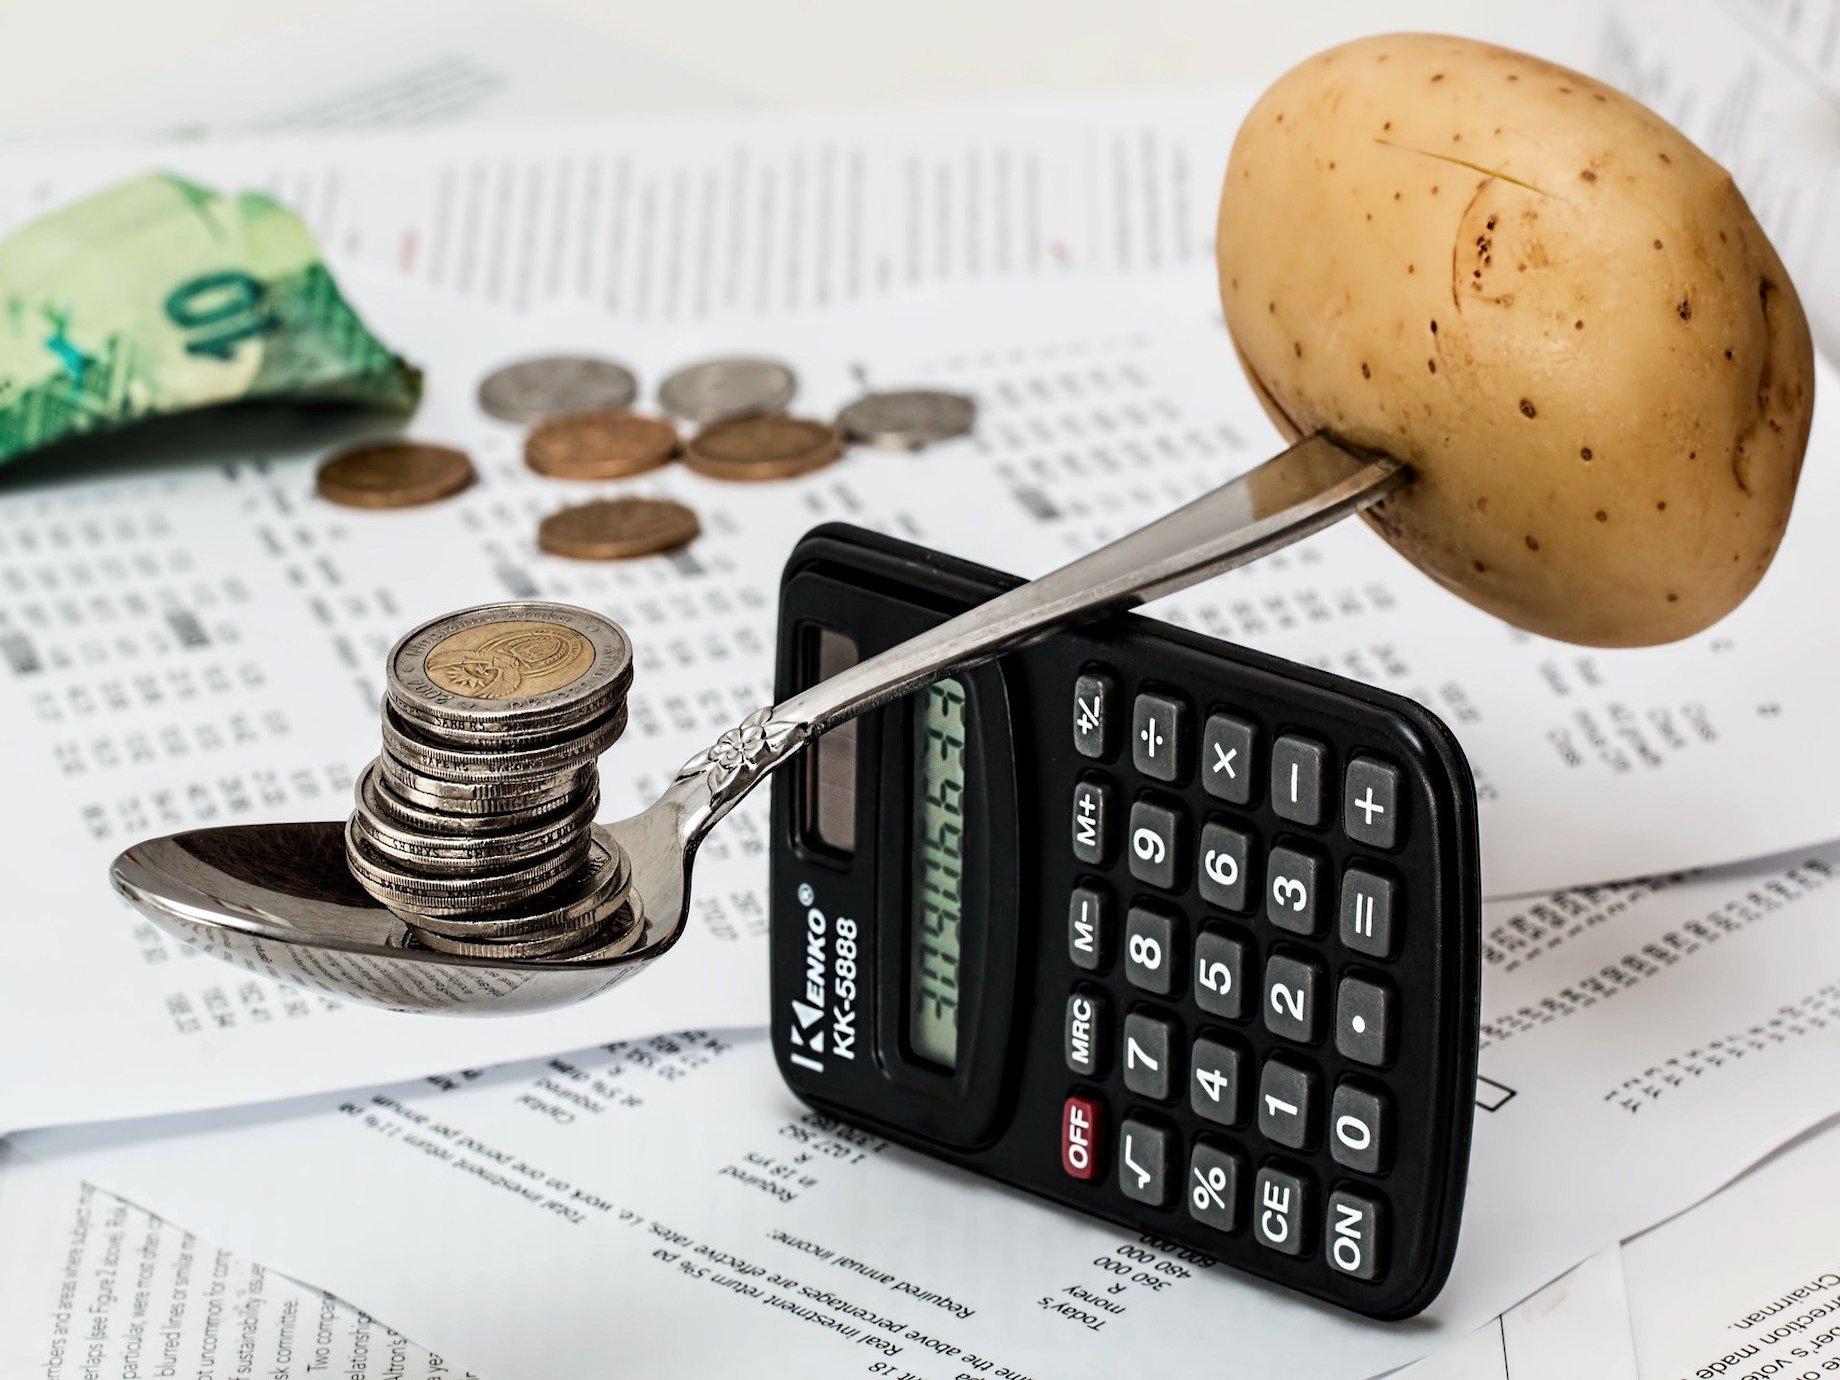 財報上看不見的兩大成本:機會成本&沉沒成本,是如何影響公司的商業決策?